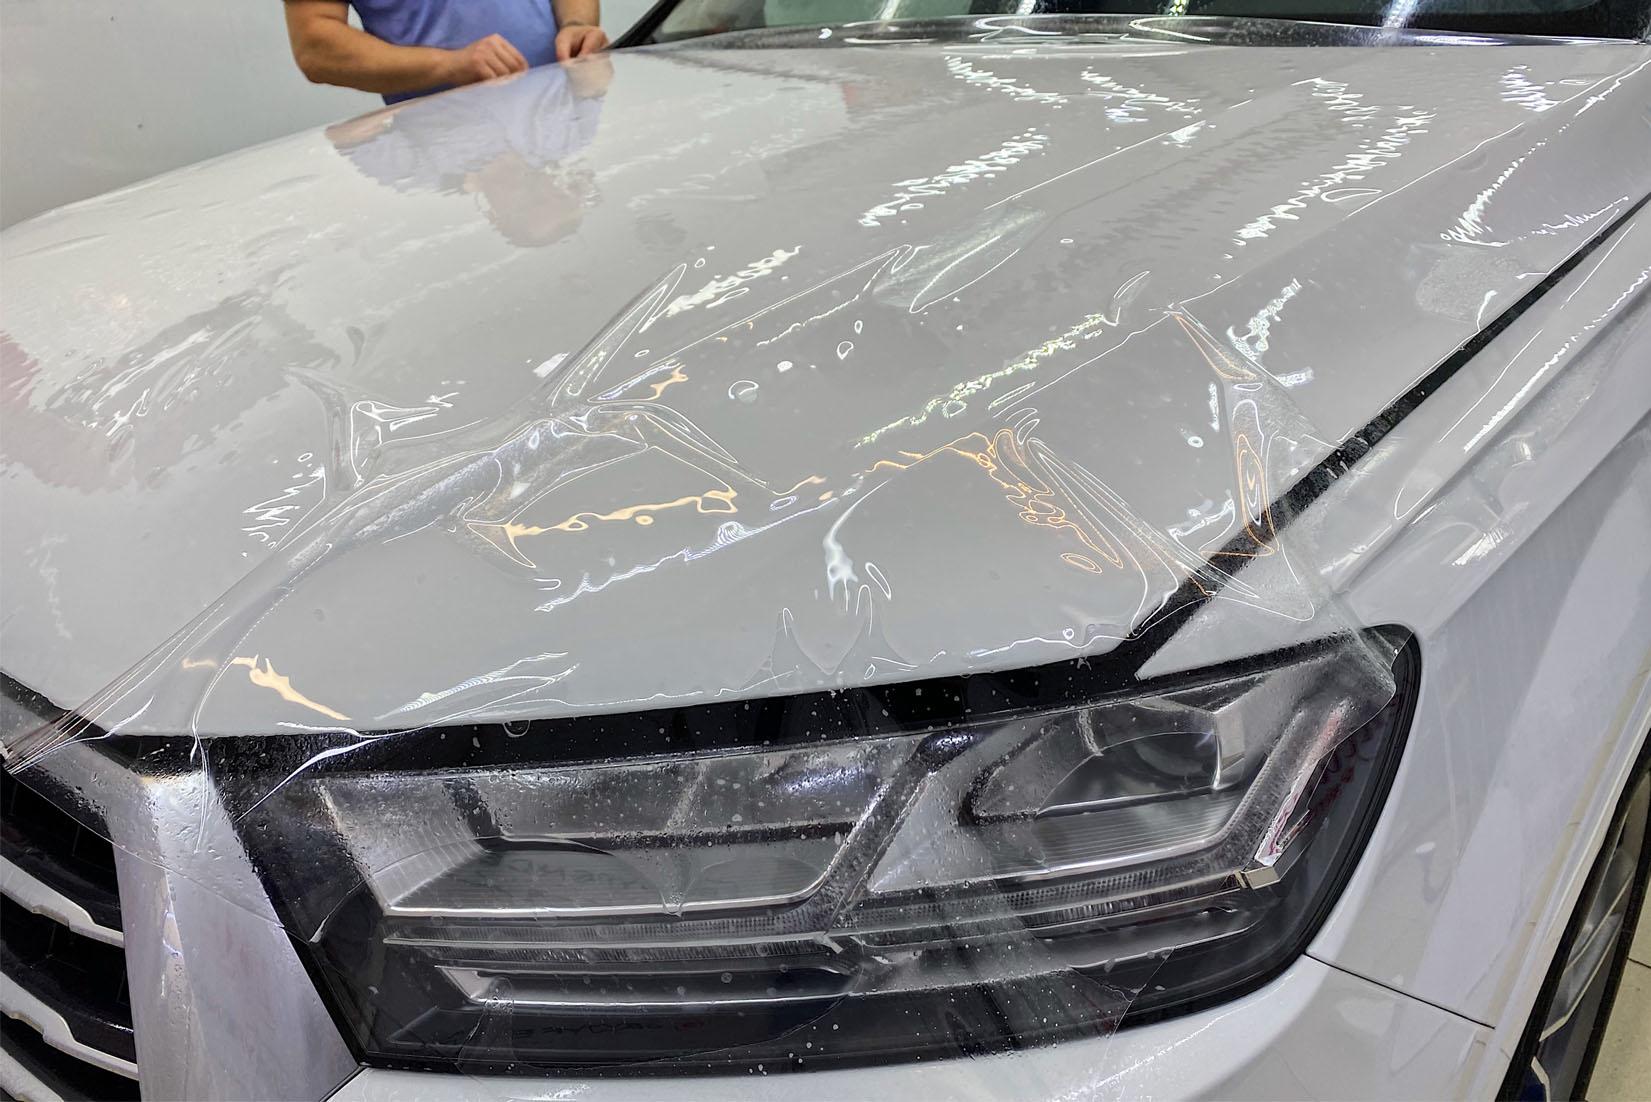 Автомобильные пленки Legend: особенности и преимущества